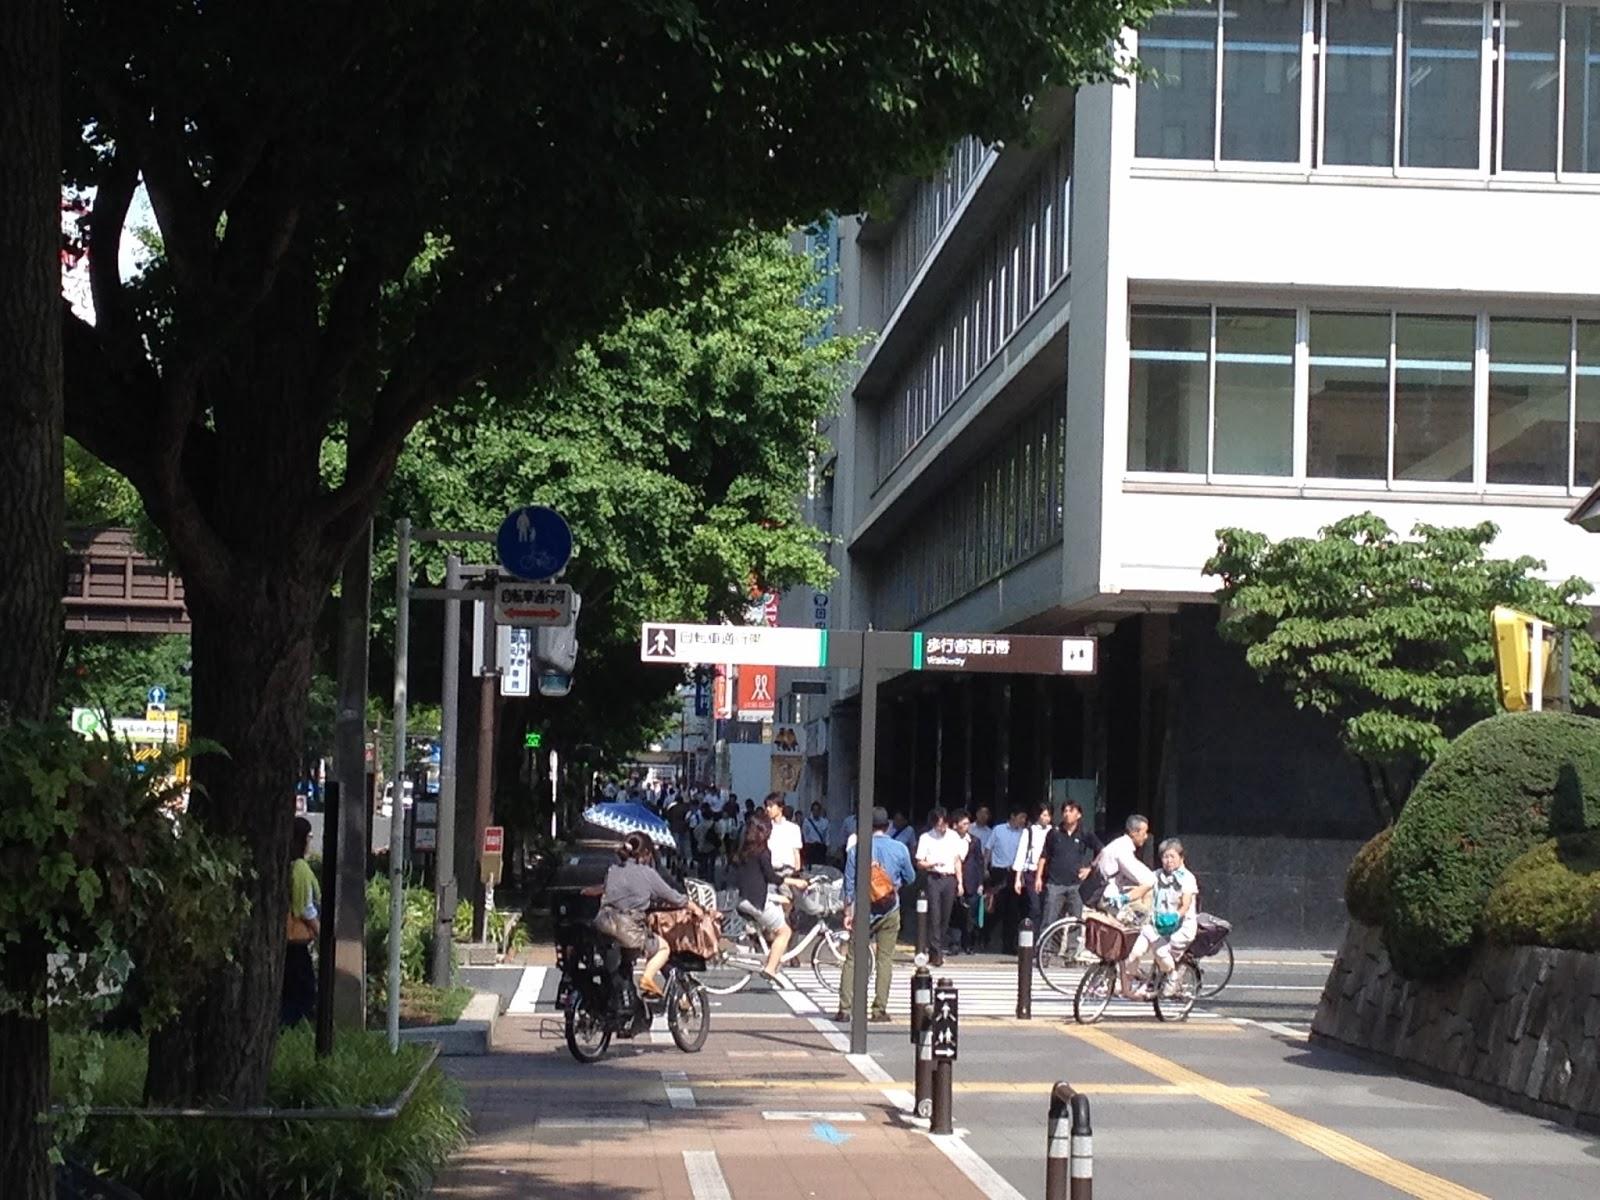 Biking to work along the bike-pedestrian lane at Kawasaki, Kanagawa